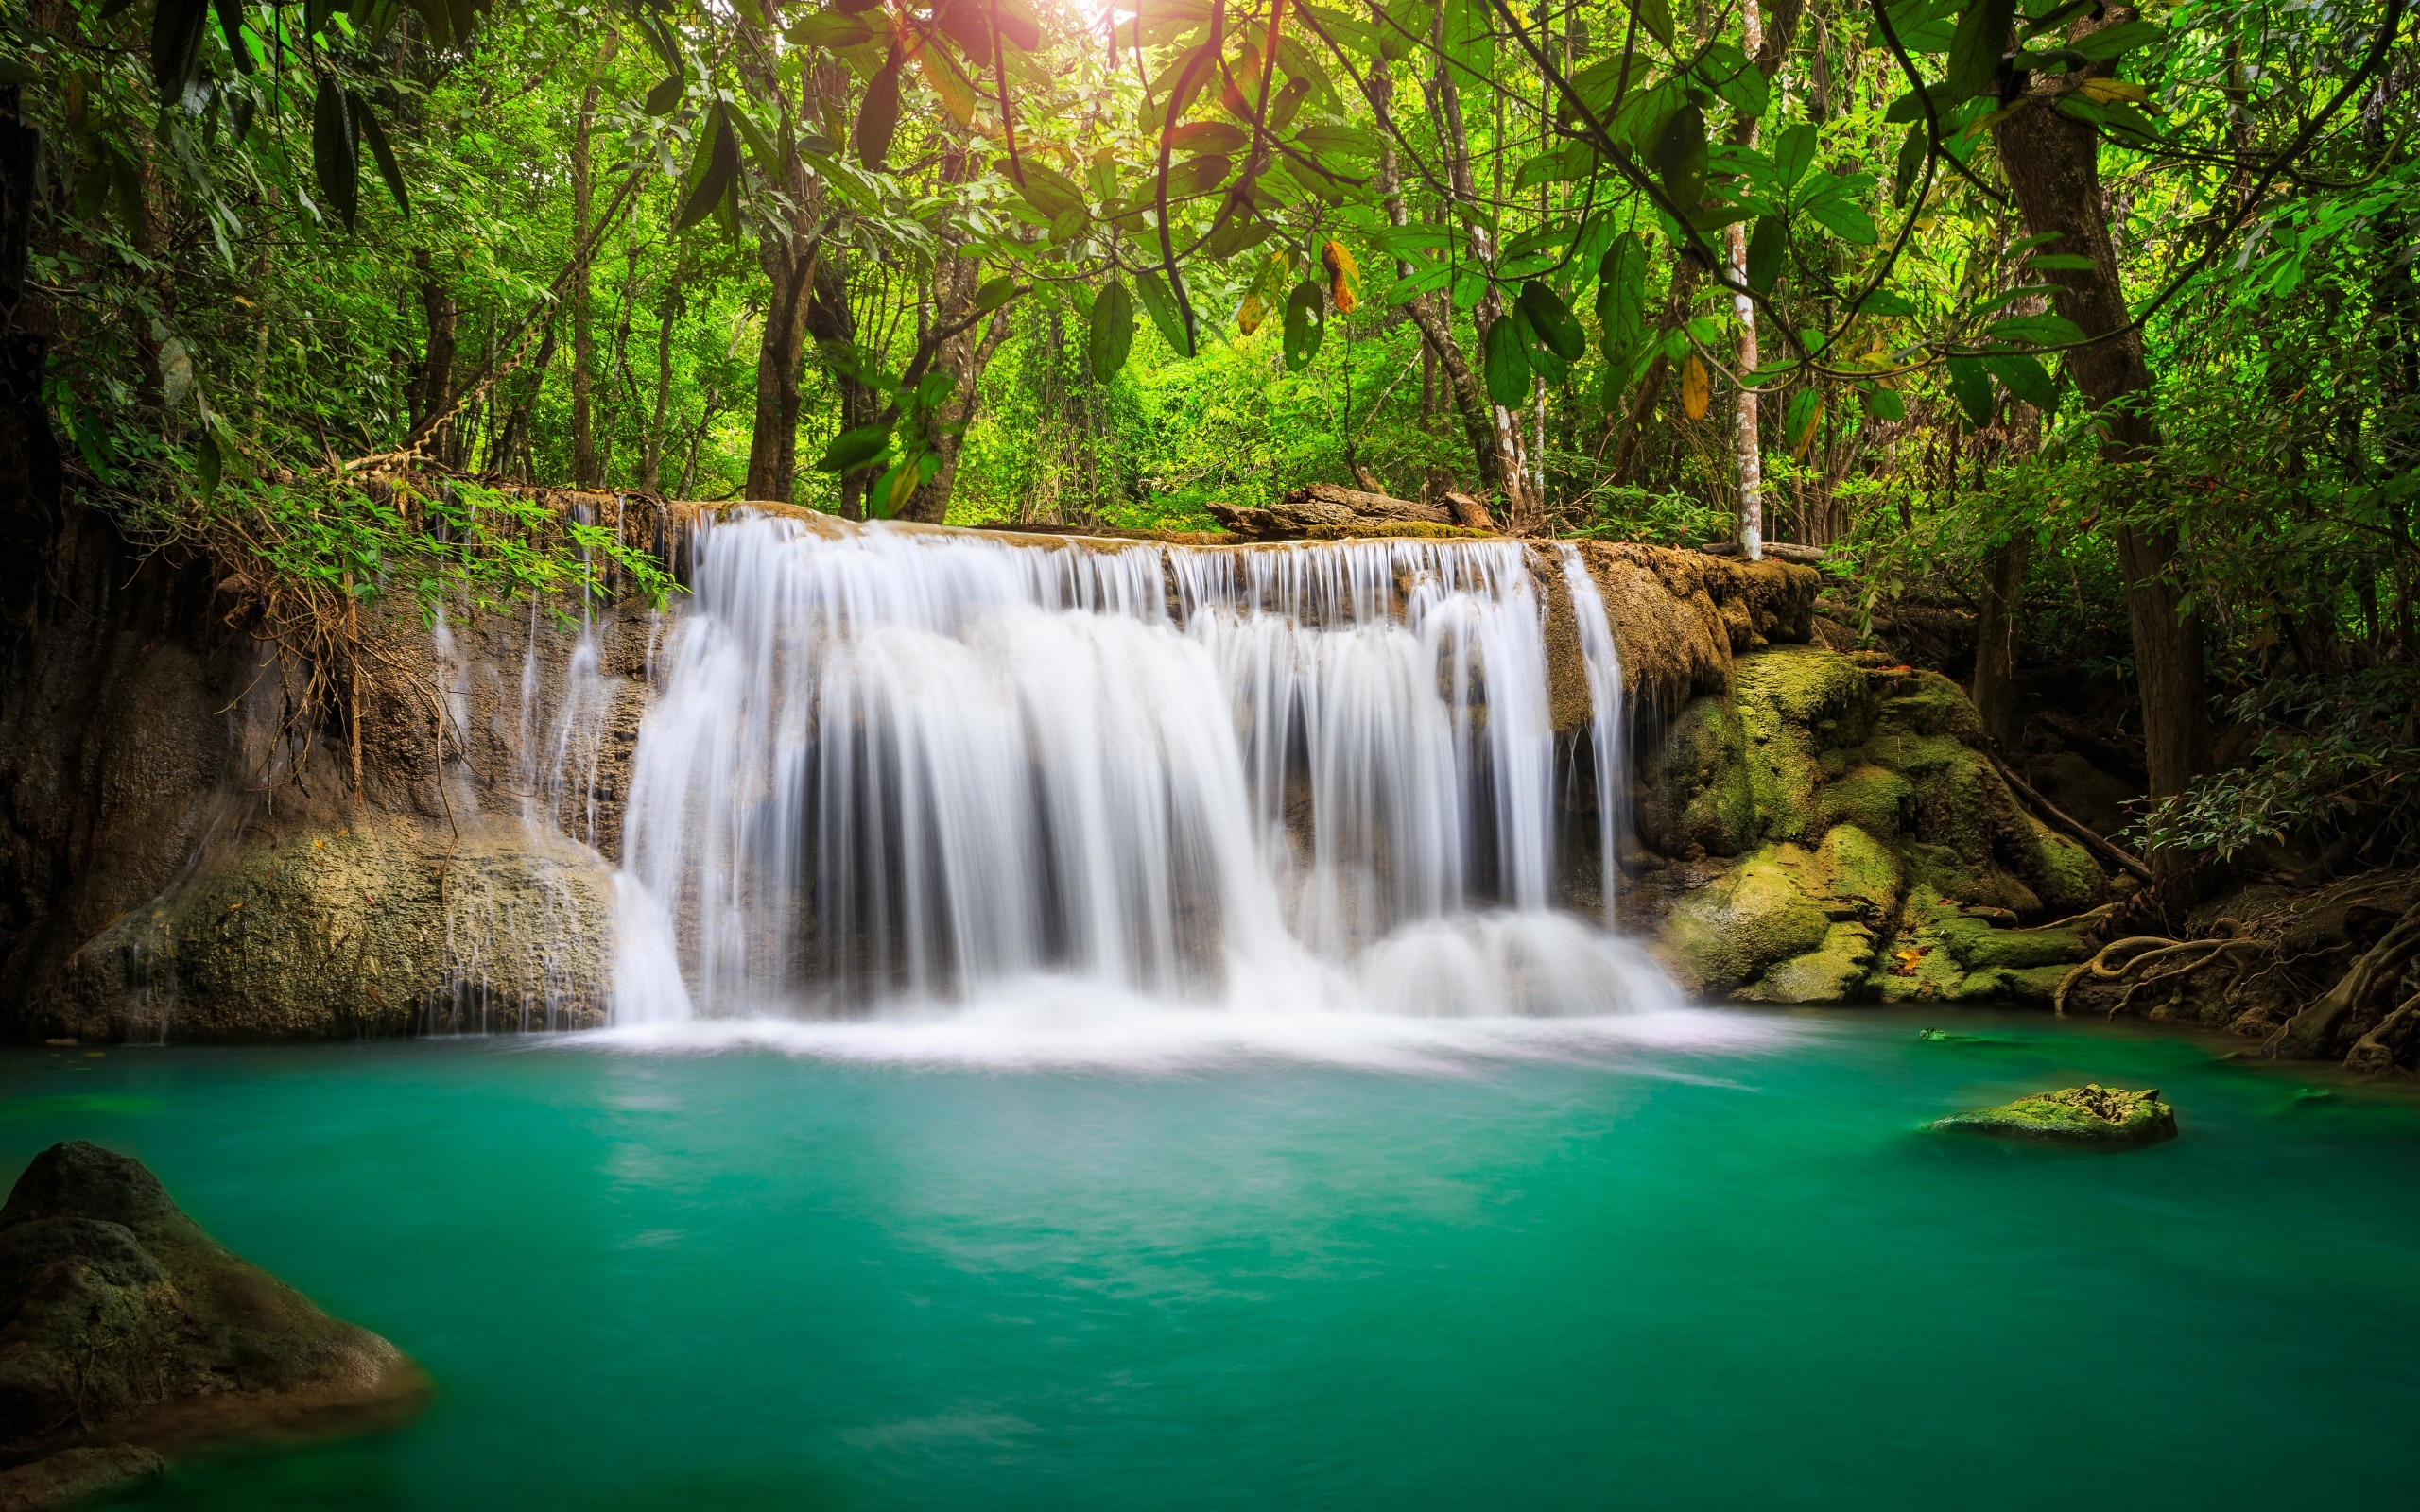 49711 скачать обои Водопады, Пейзаж, Природа - заставки и картинки бесплатно